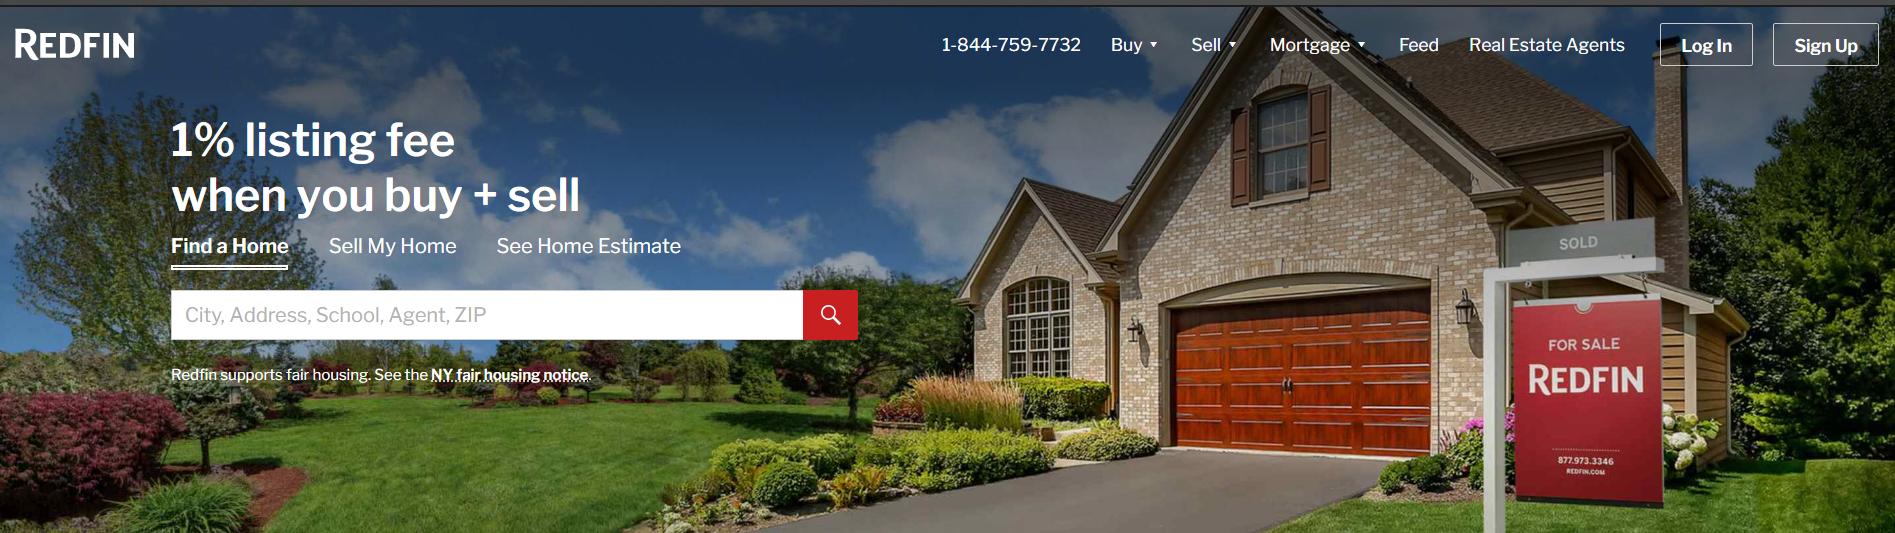 Redfin Website